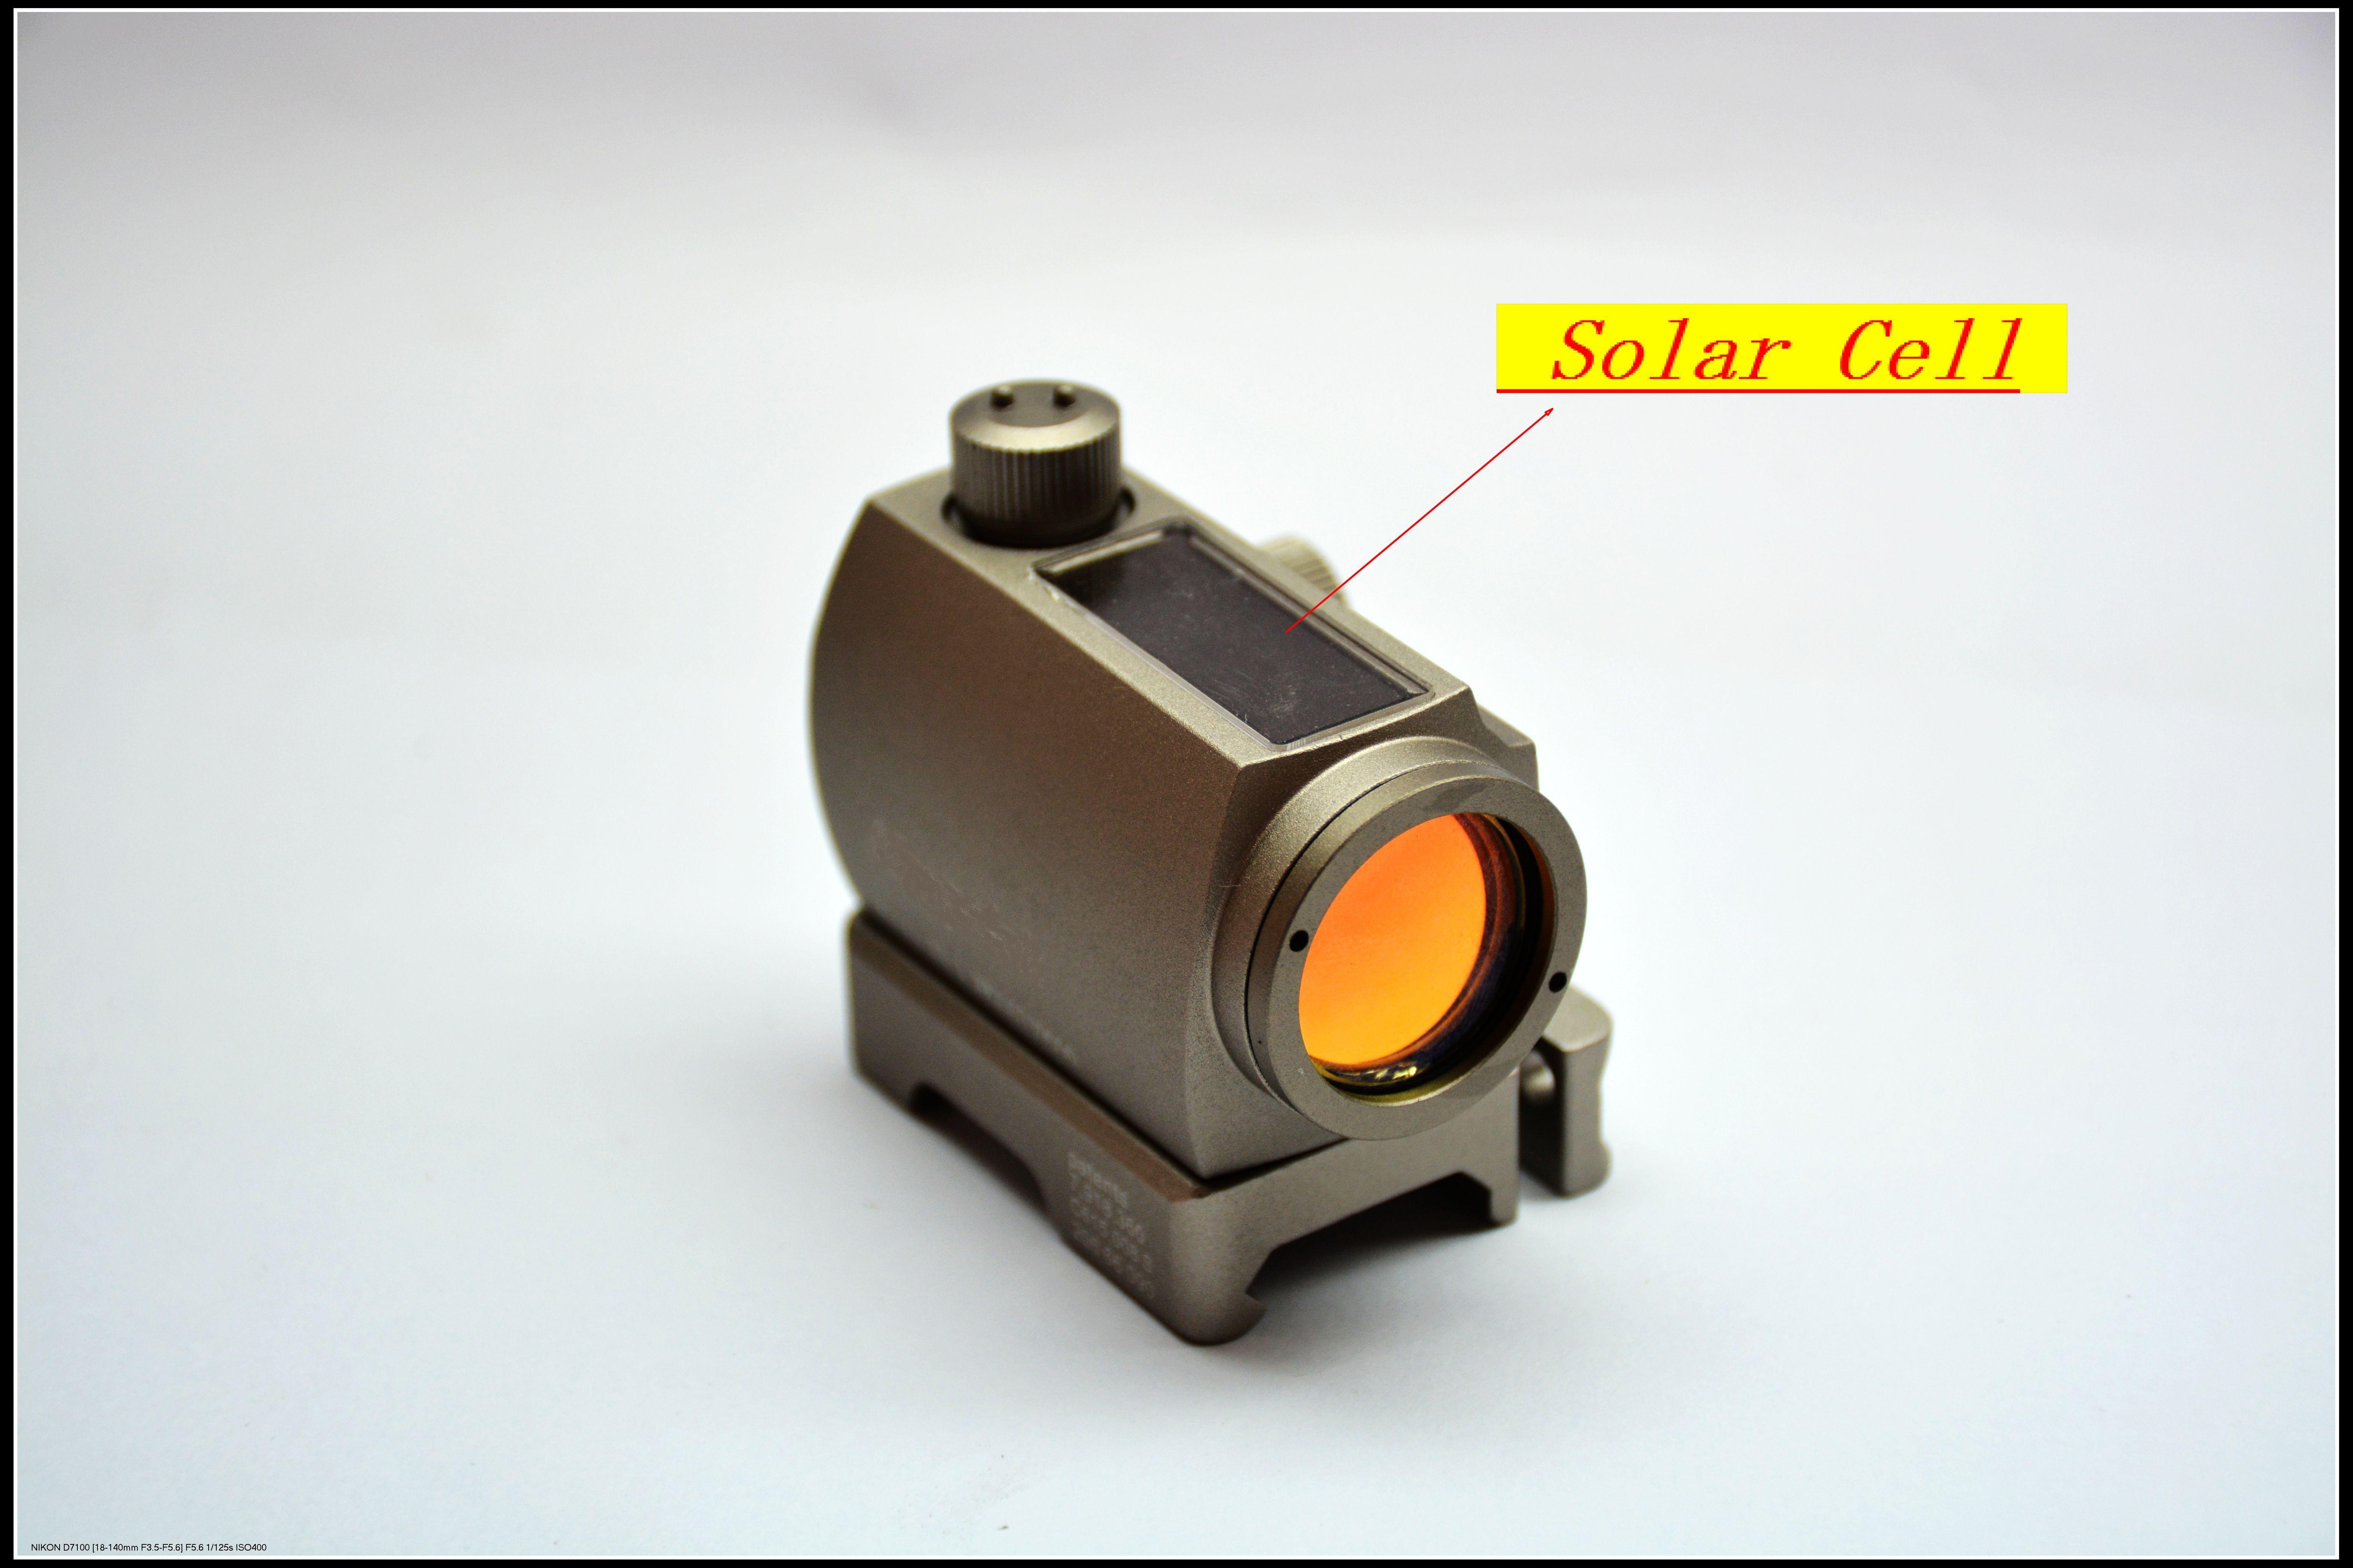 Тан голографический тактический Оптовые продажи Быстросъемные высокие низкие крепления Мощность солнечных батарей Гибридная энергия ST1 Стиль красная точка зрения подходит для любых 20 мм